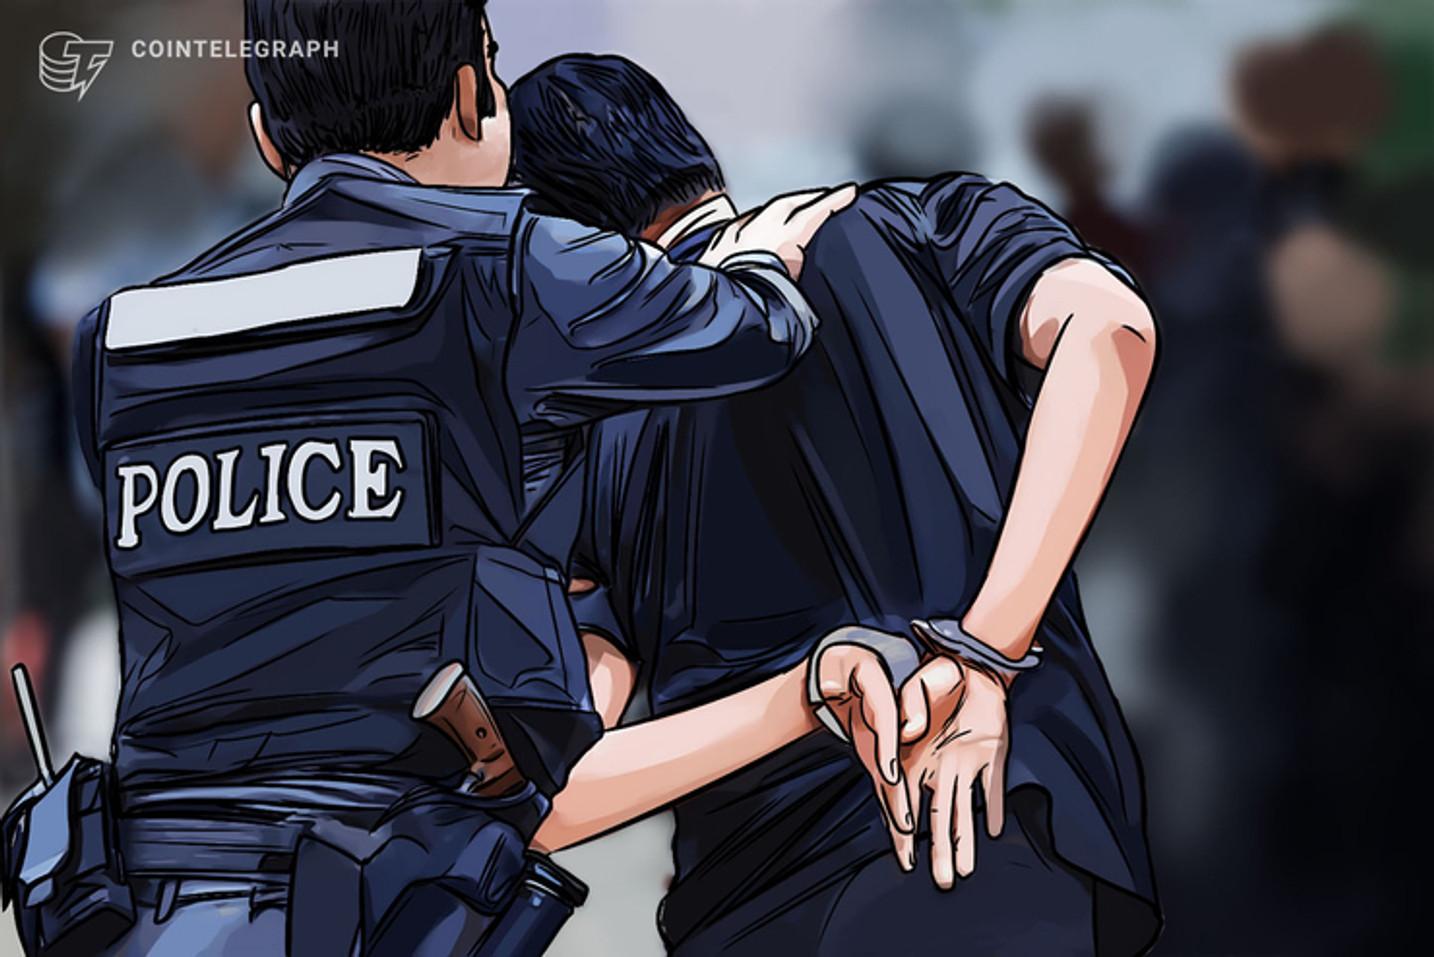 Polícia Federal ainda não encontrou Bitcoins da Lava Jato mas mensagens  sugerem pagamento por crime alega PF